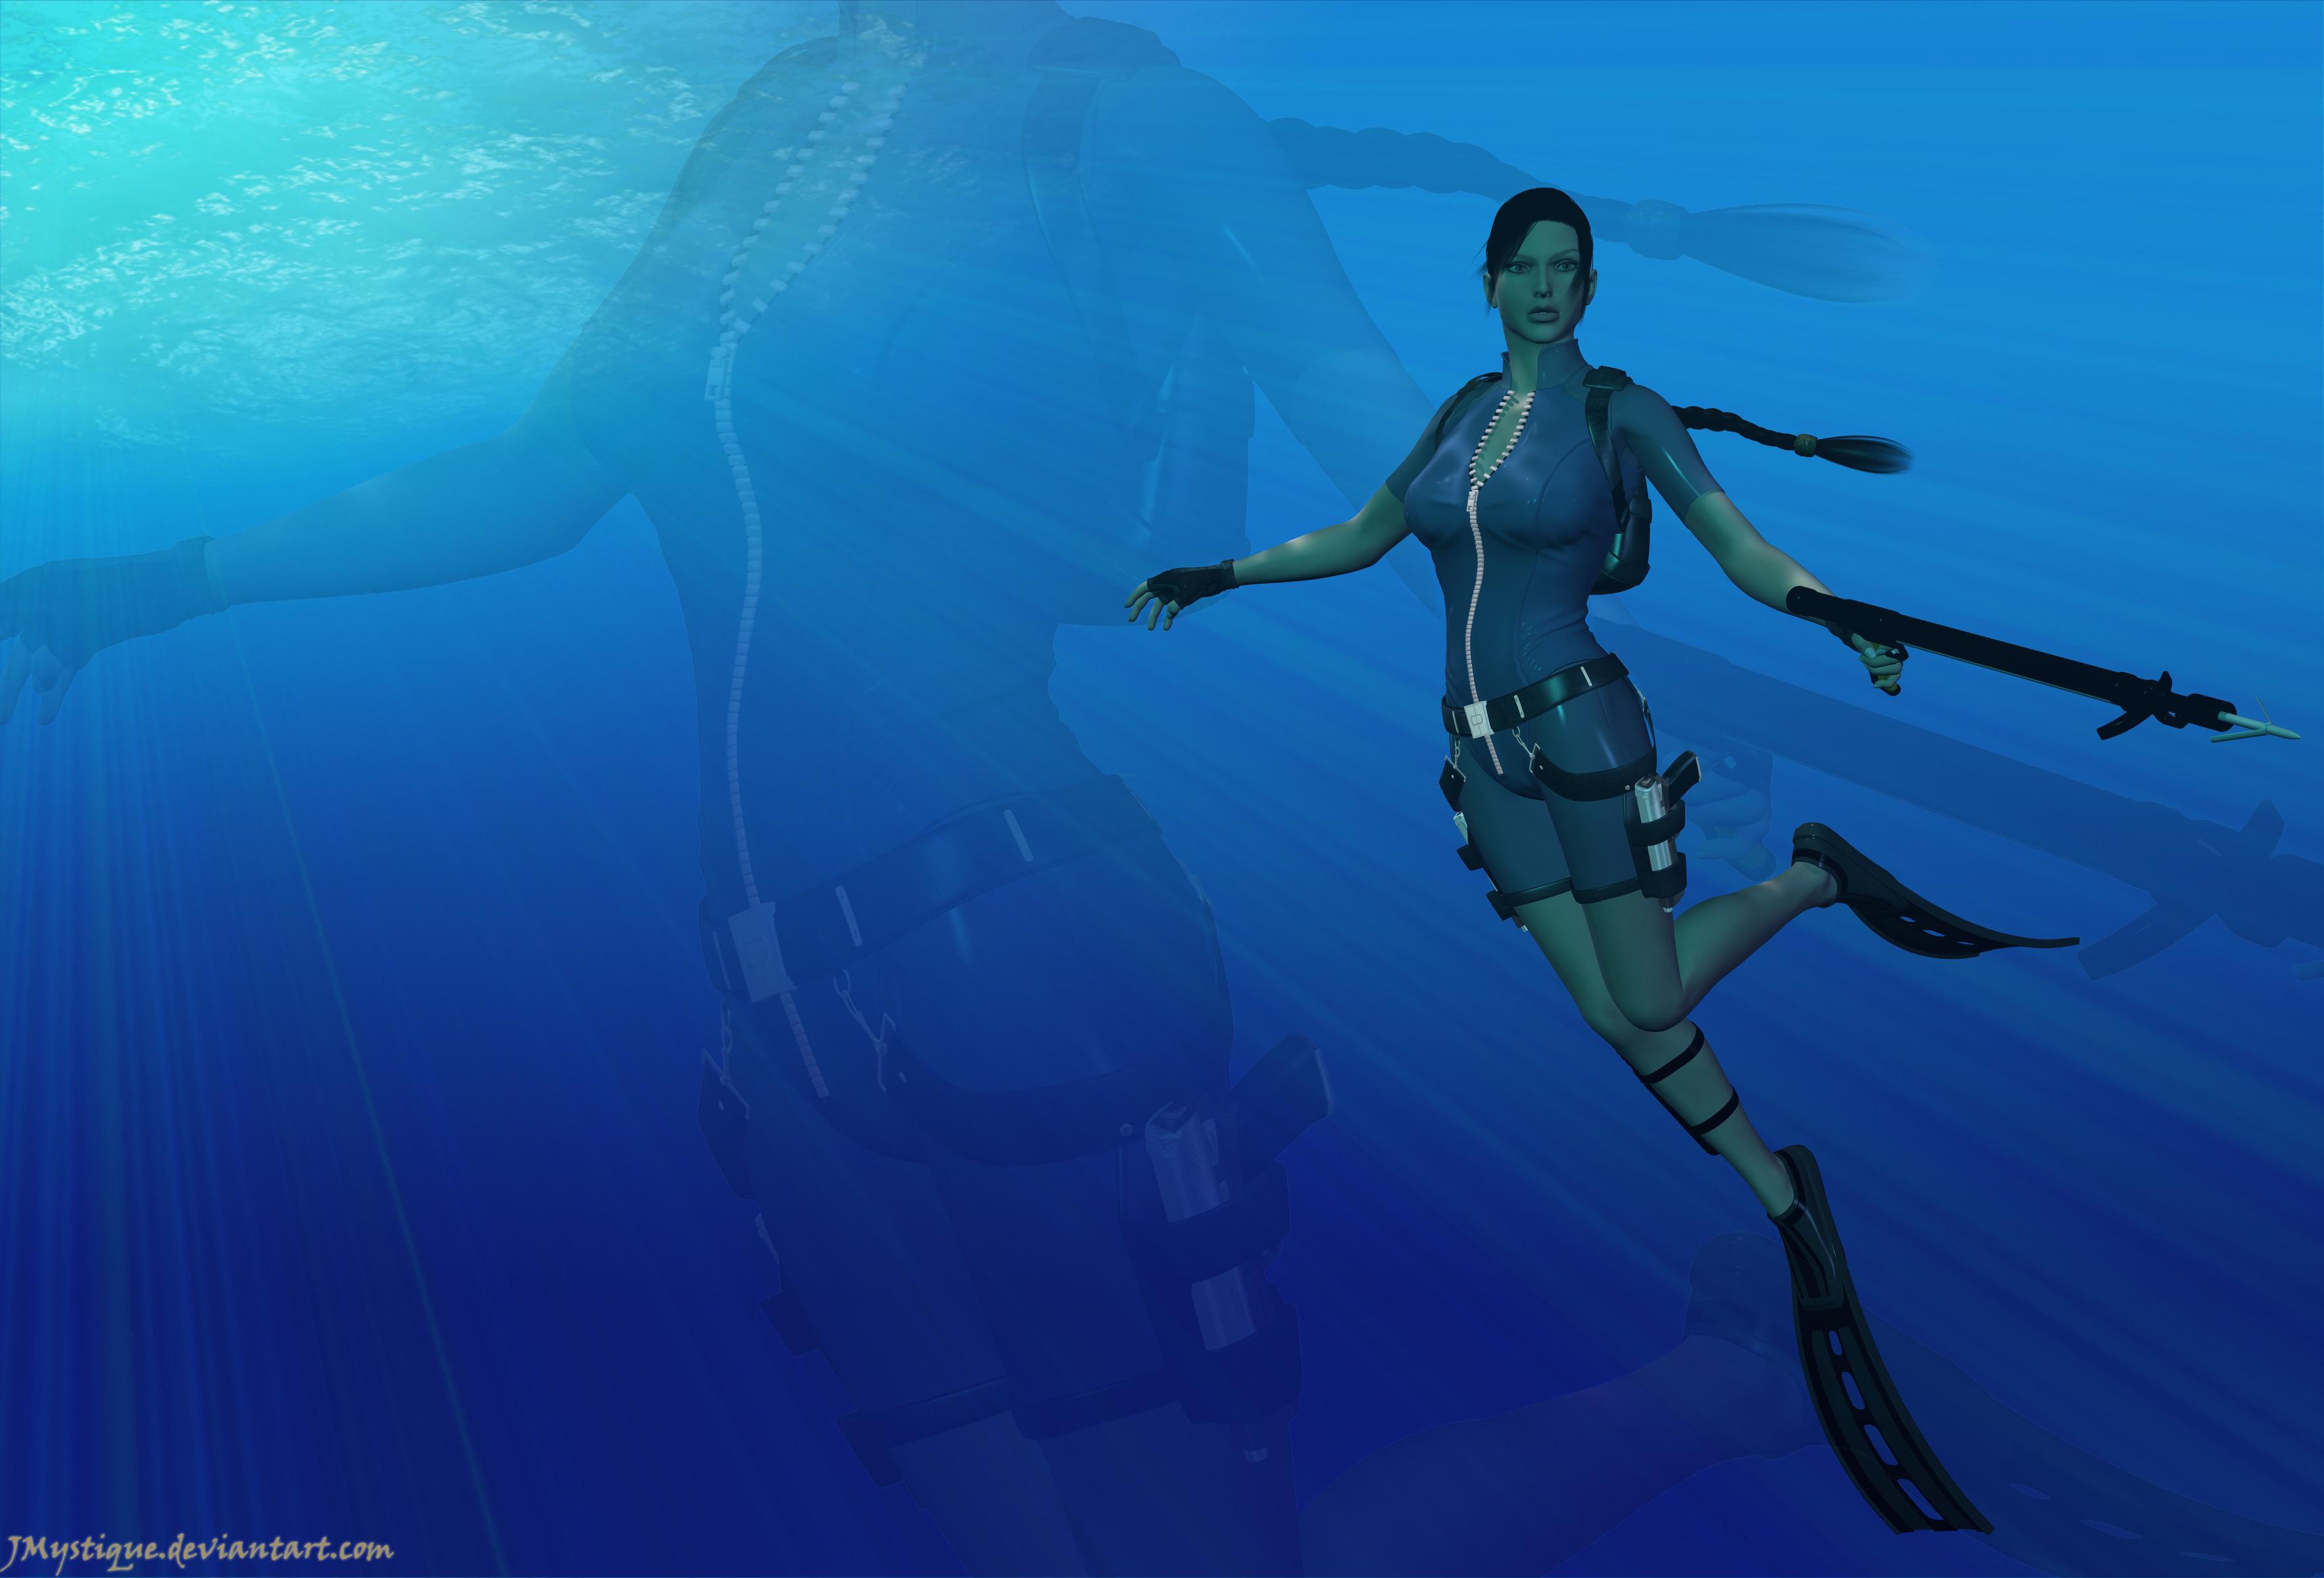 Underwater by XxUkarixX on DeviantArt